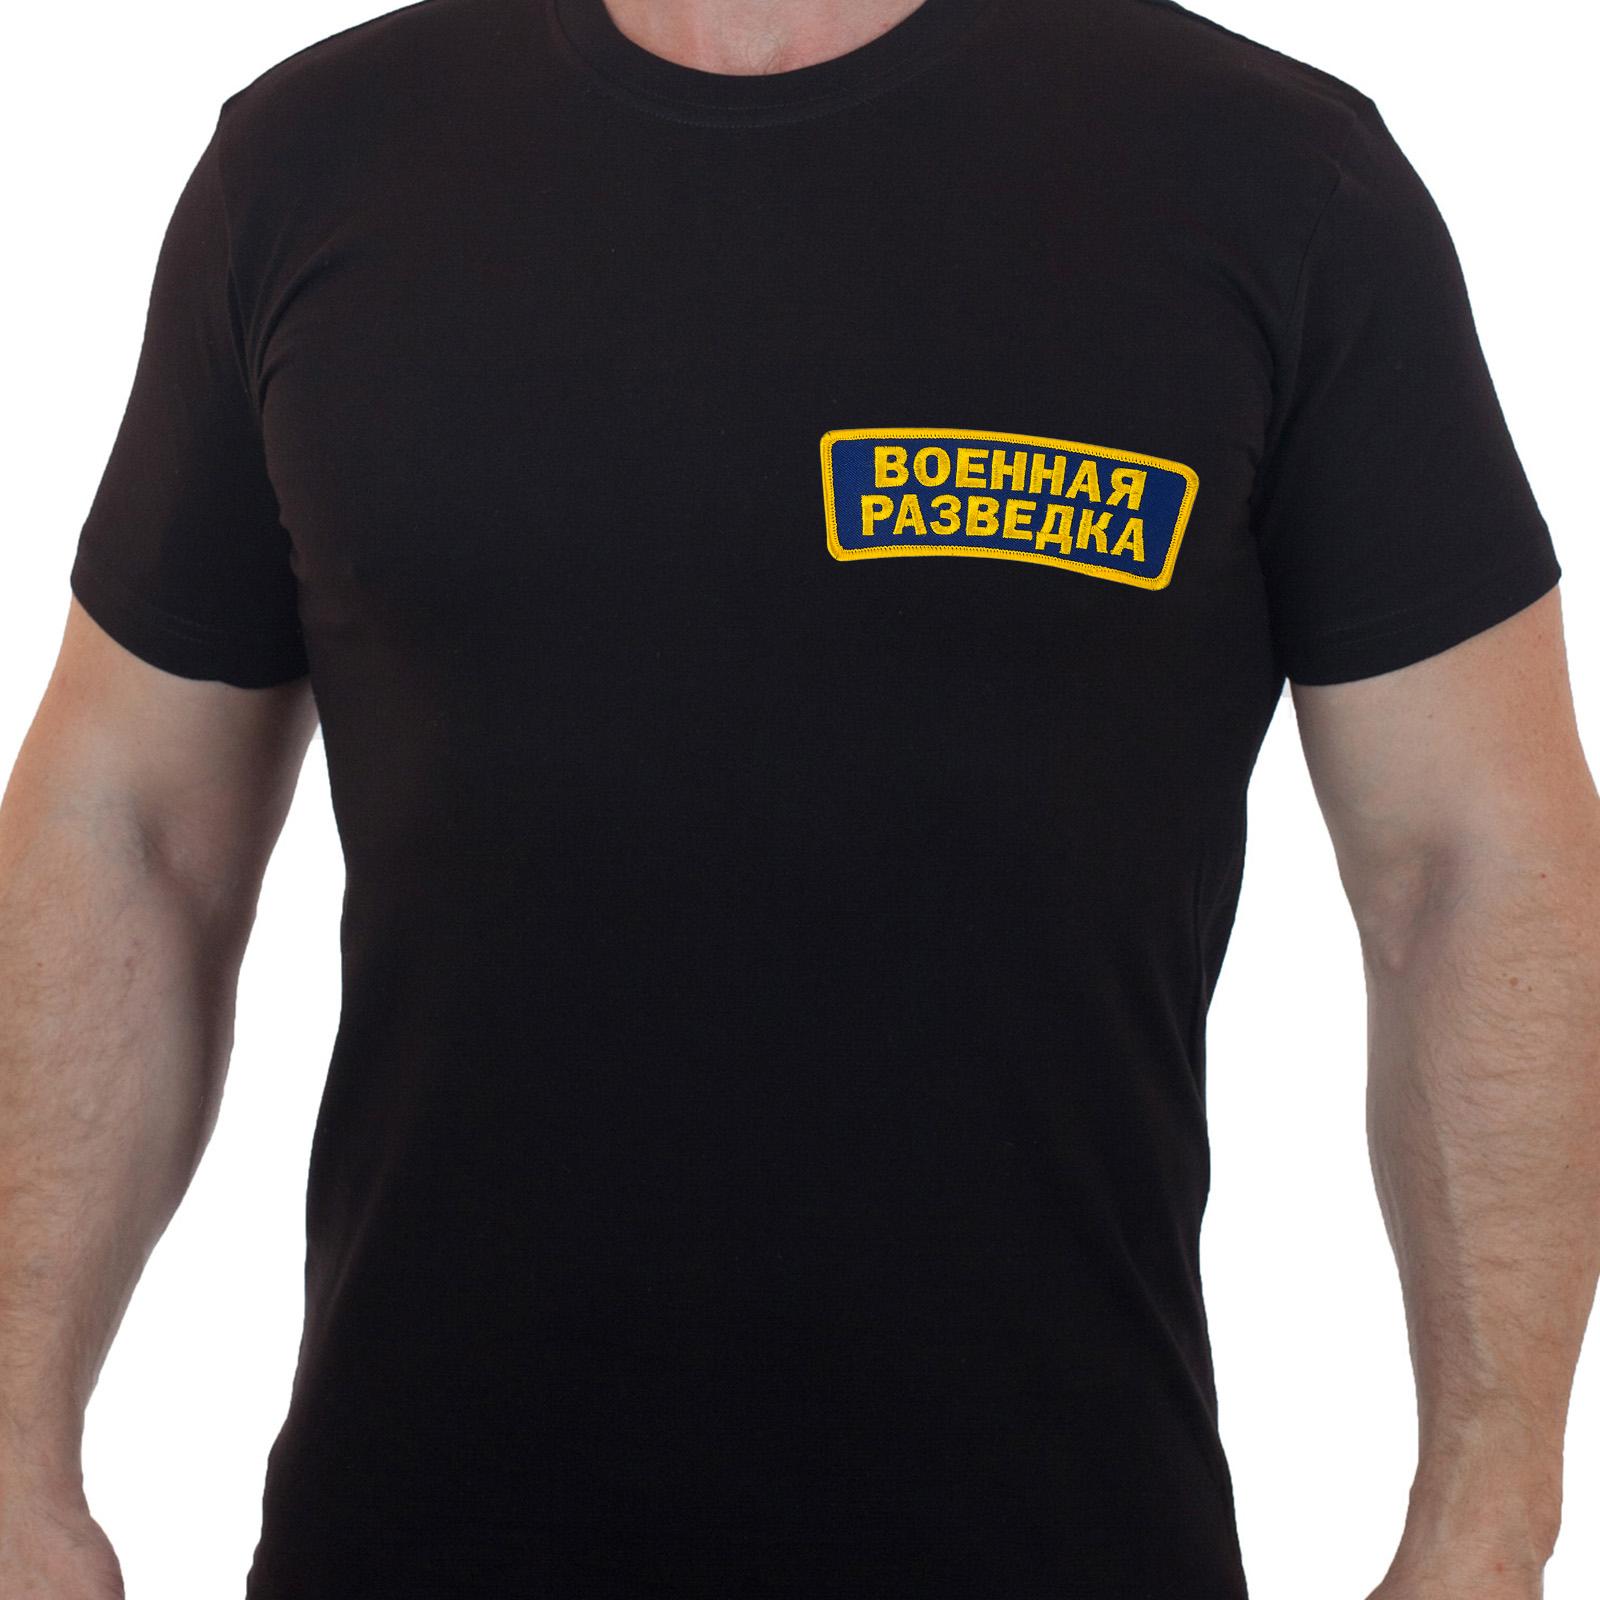 Мужская футболка с вышивкой Военная Разведка